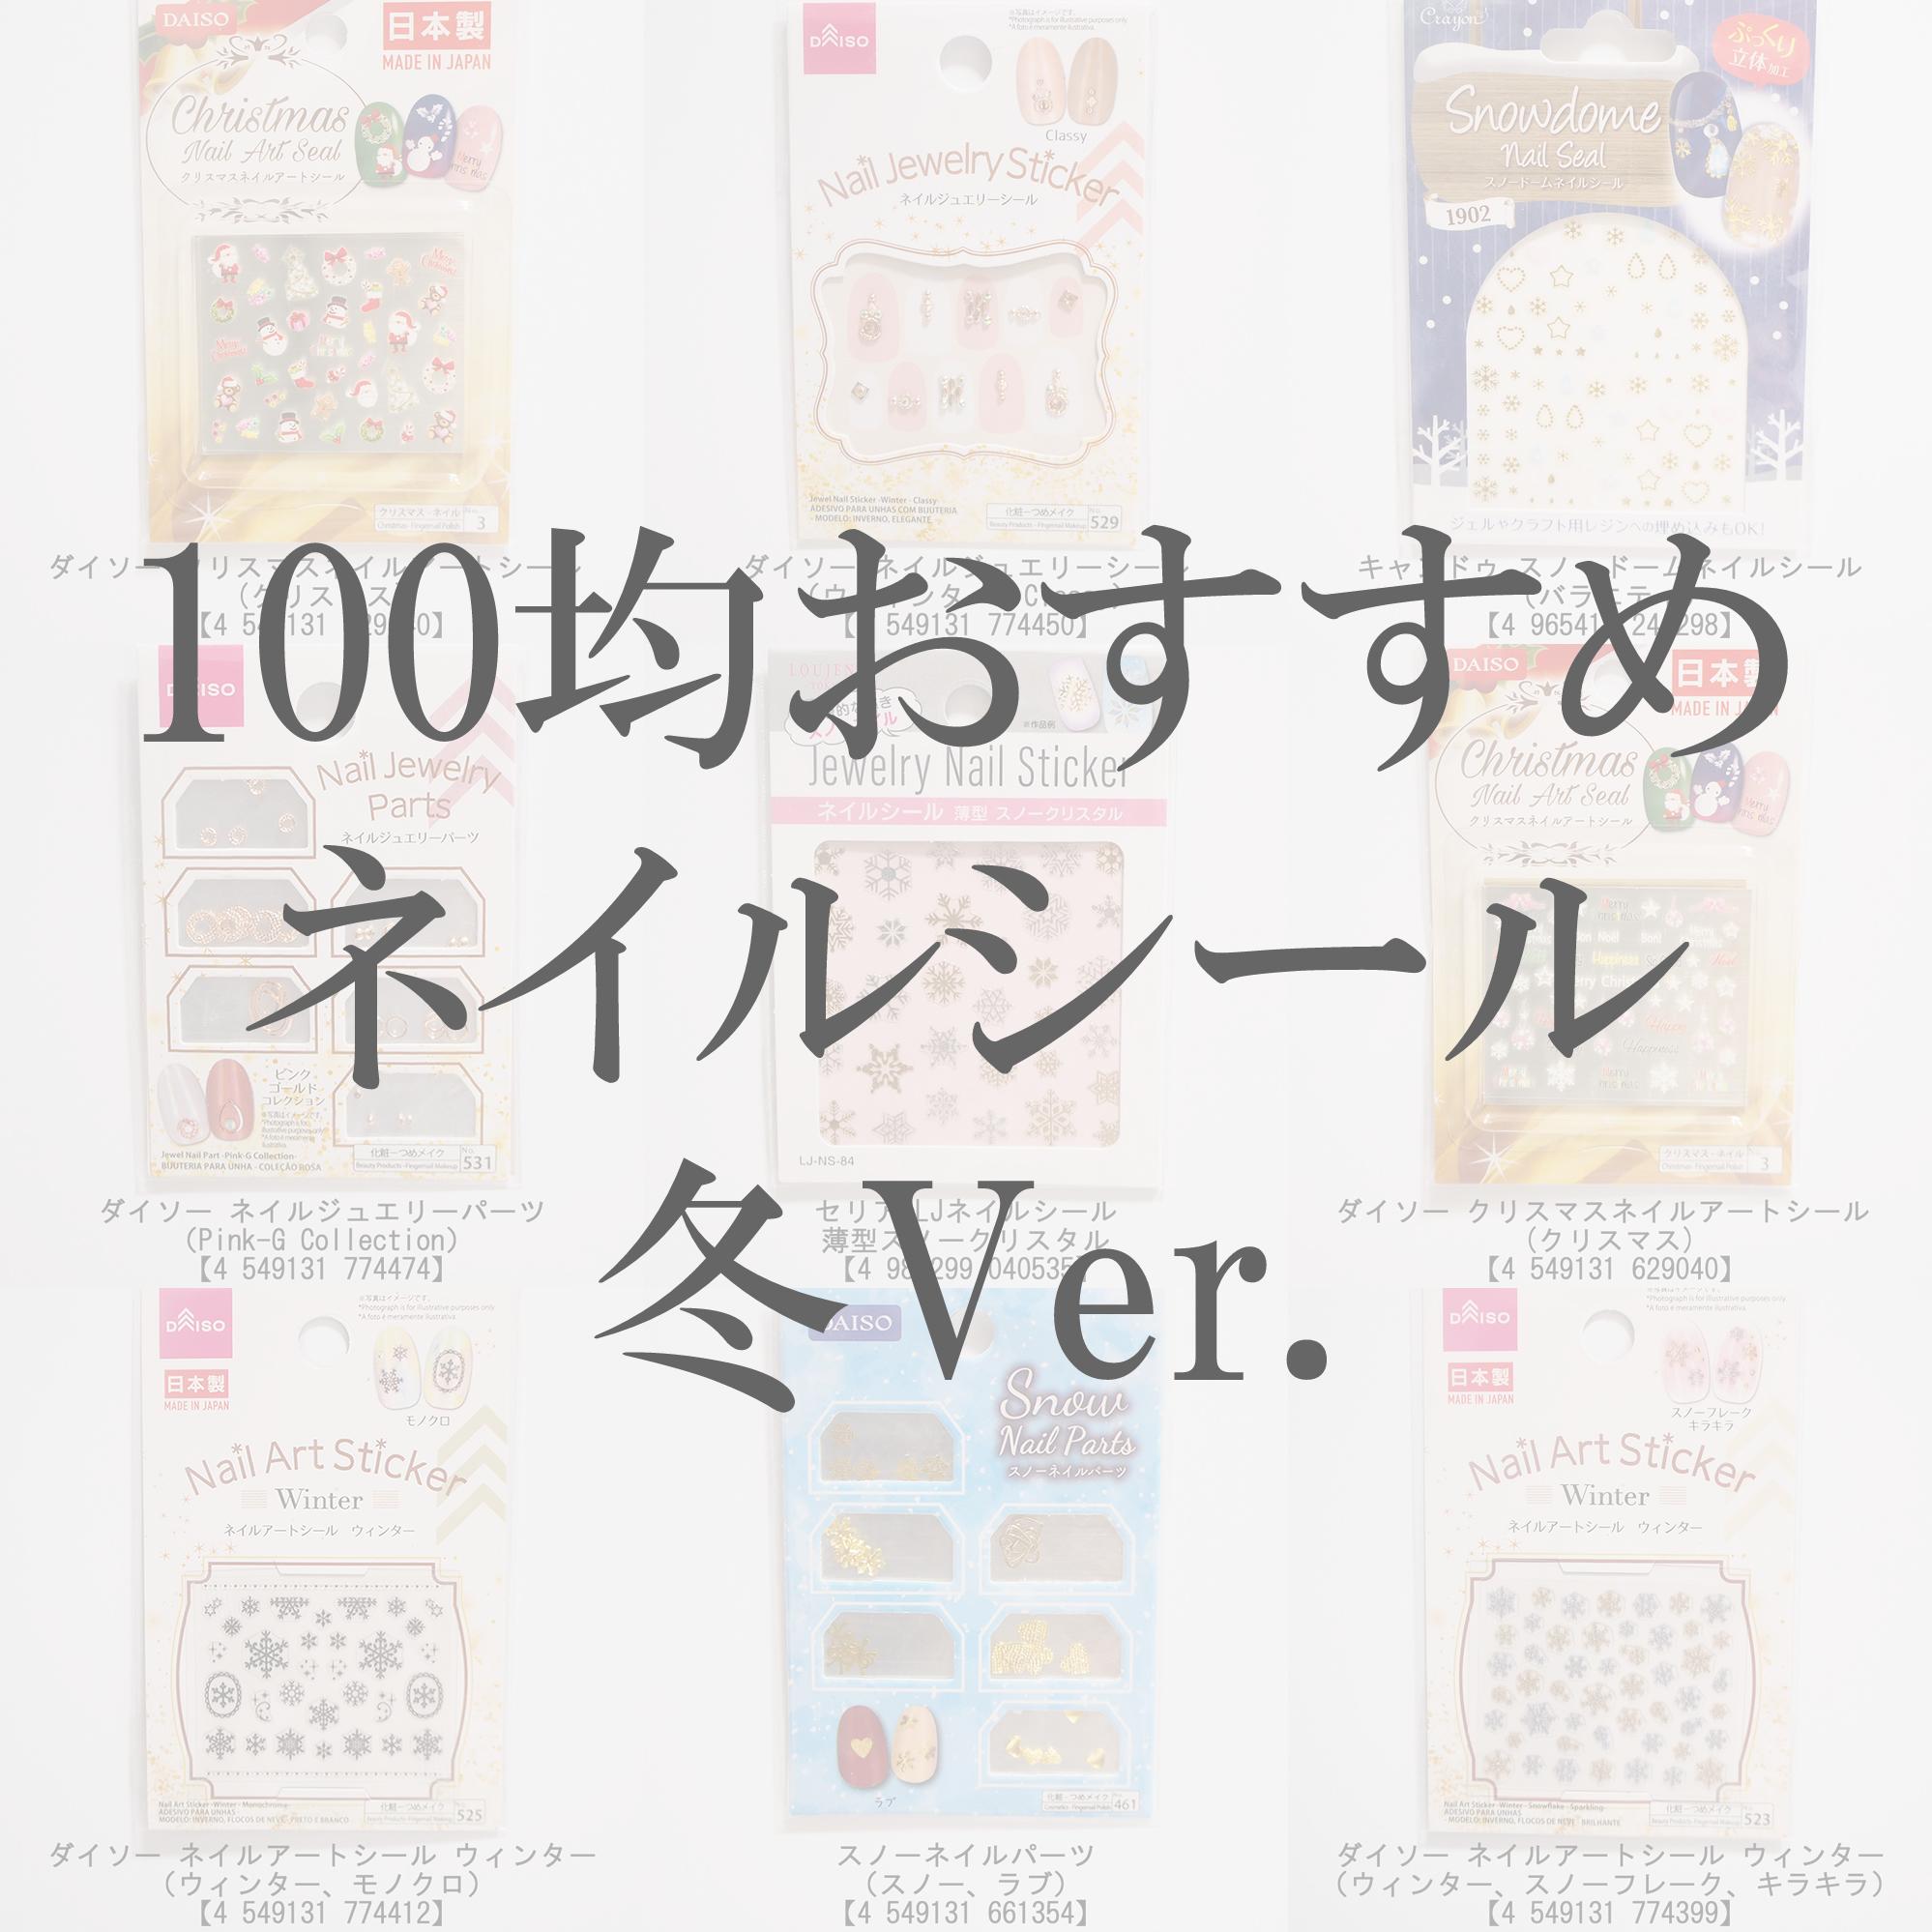 2019年版>100均の使える冬ネイルシール12選!(ダイソー